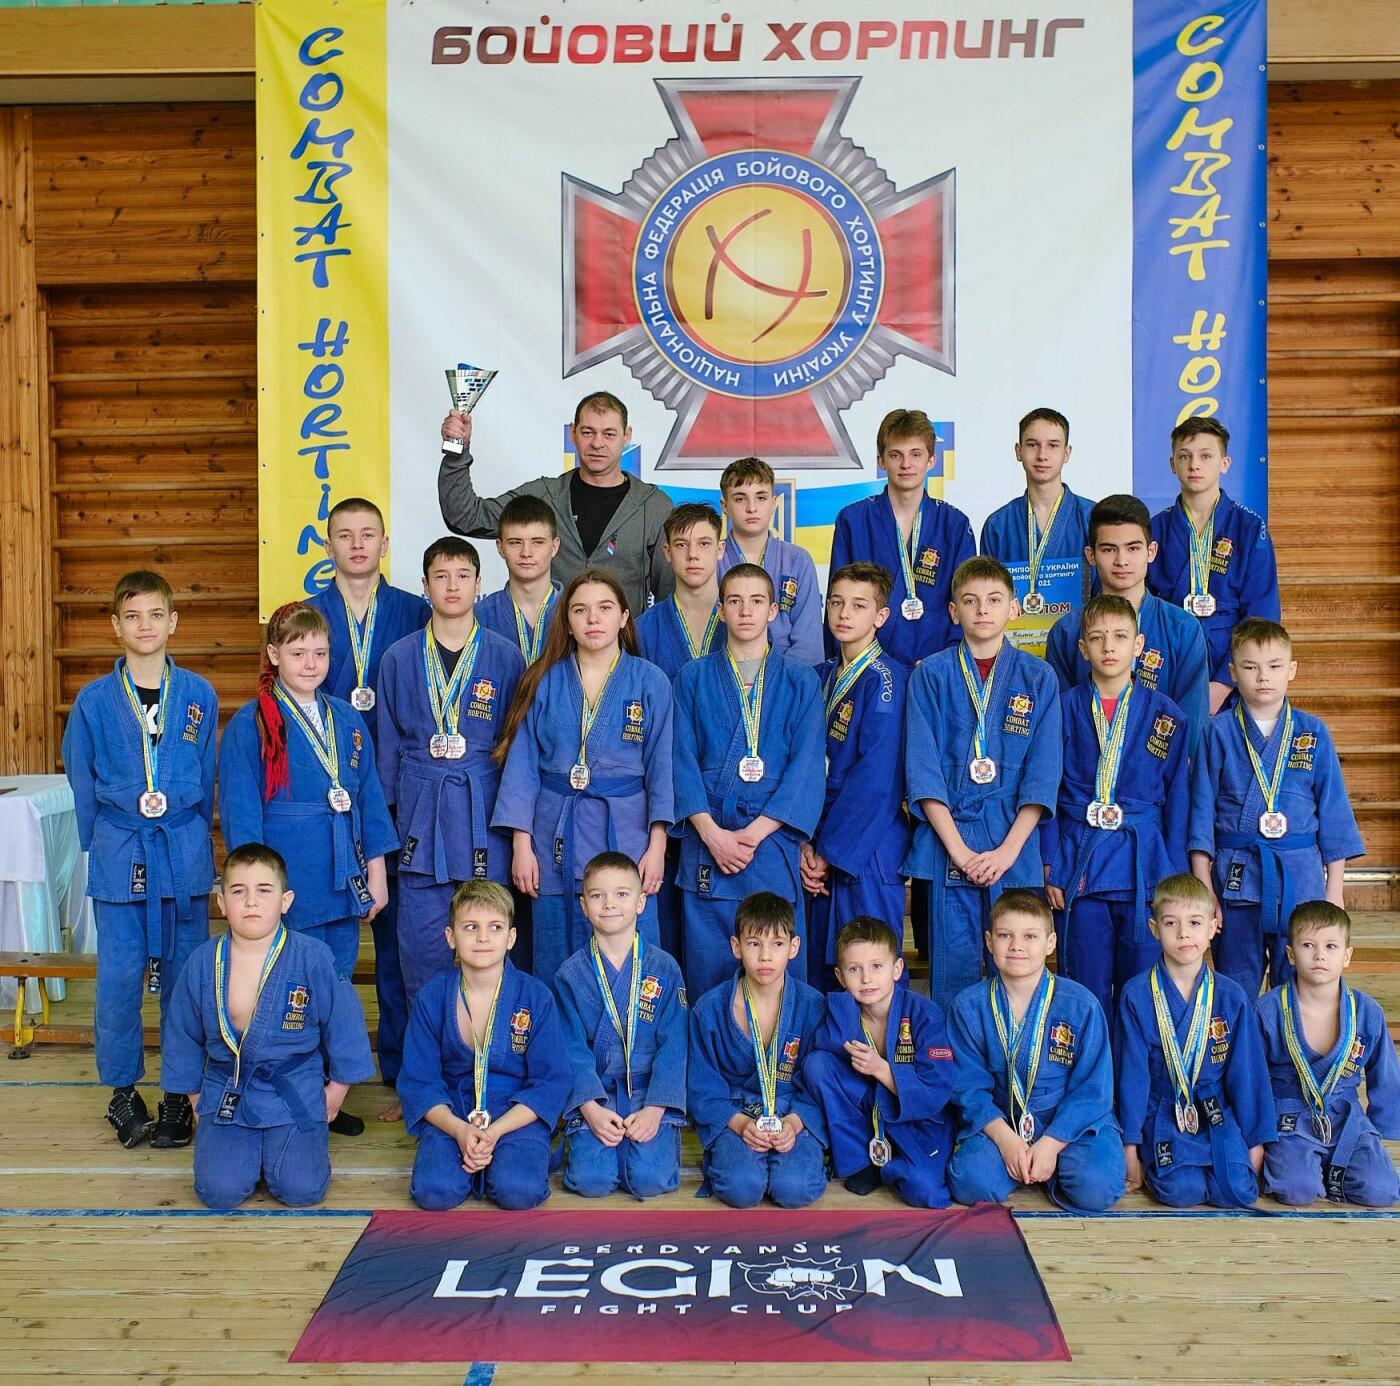 Бердянские спортсмены привезли 36 медалей с Чемпионата Украины по боевому хортингу (ФОТО), фото-5